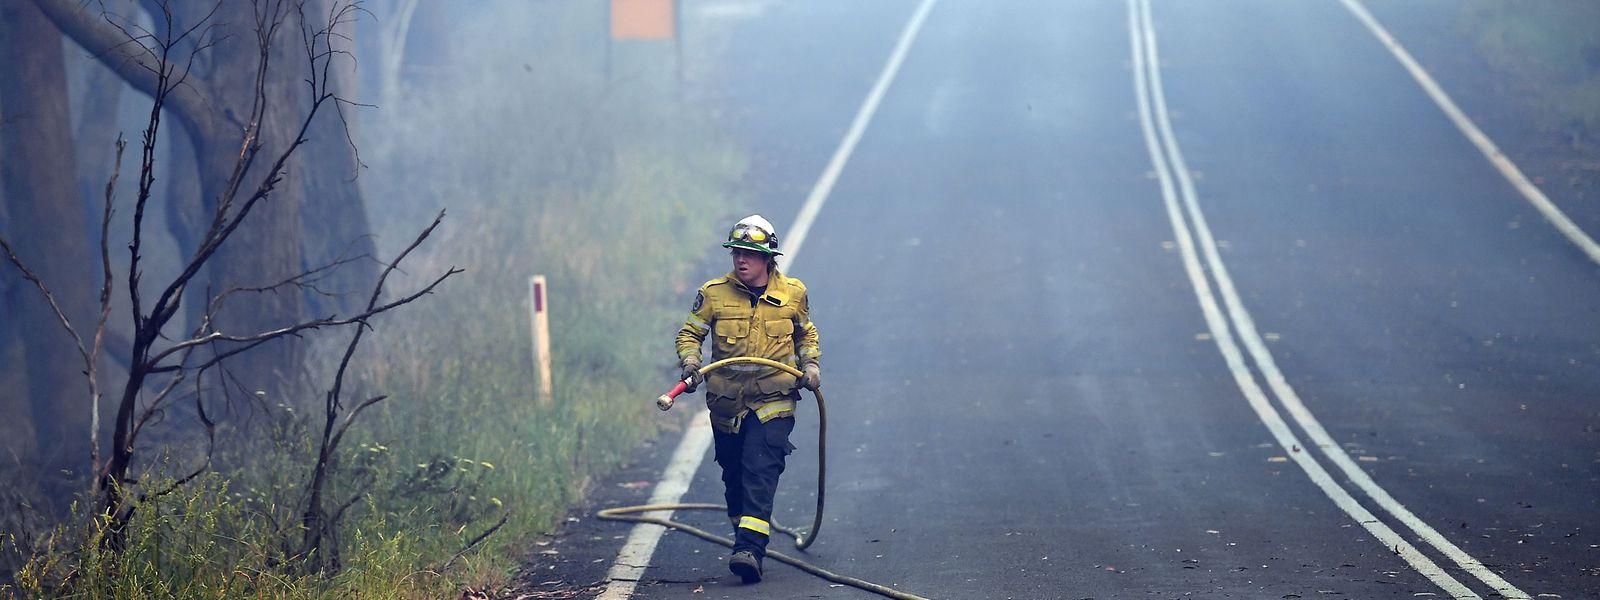 Les températures pourraient encore augmenter au cours des prochains jours en raison de la propagation d'une vague de chaleur qui risque d'attiser les feux de forêts qui ravagent le pays.